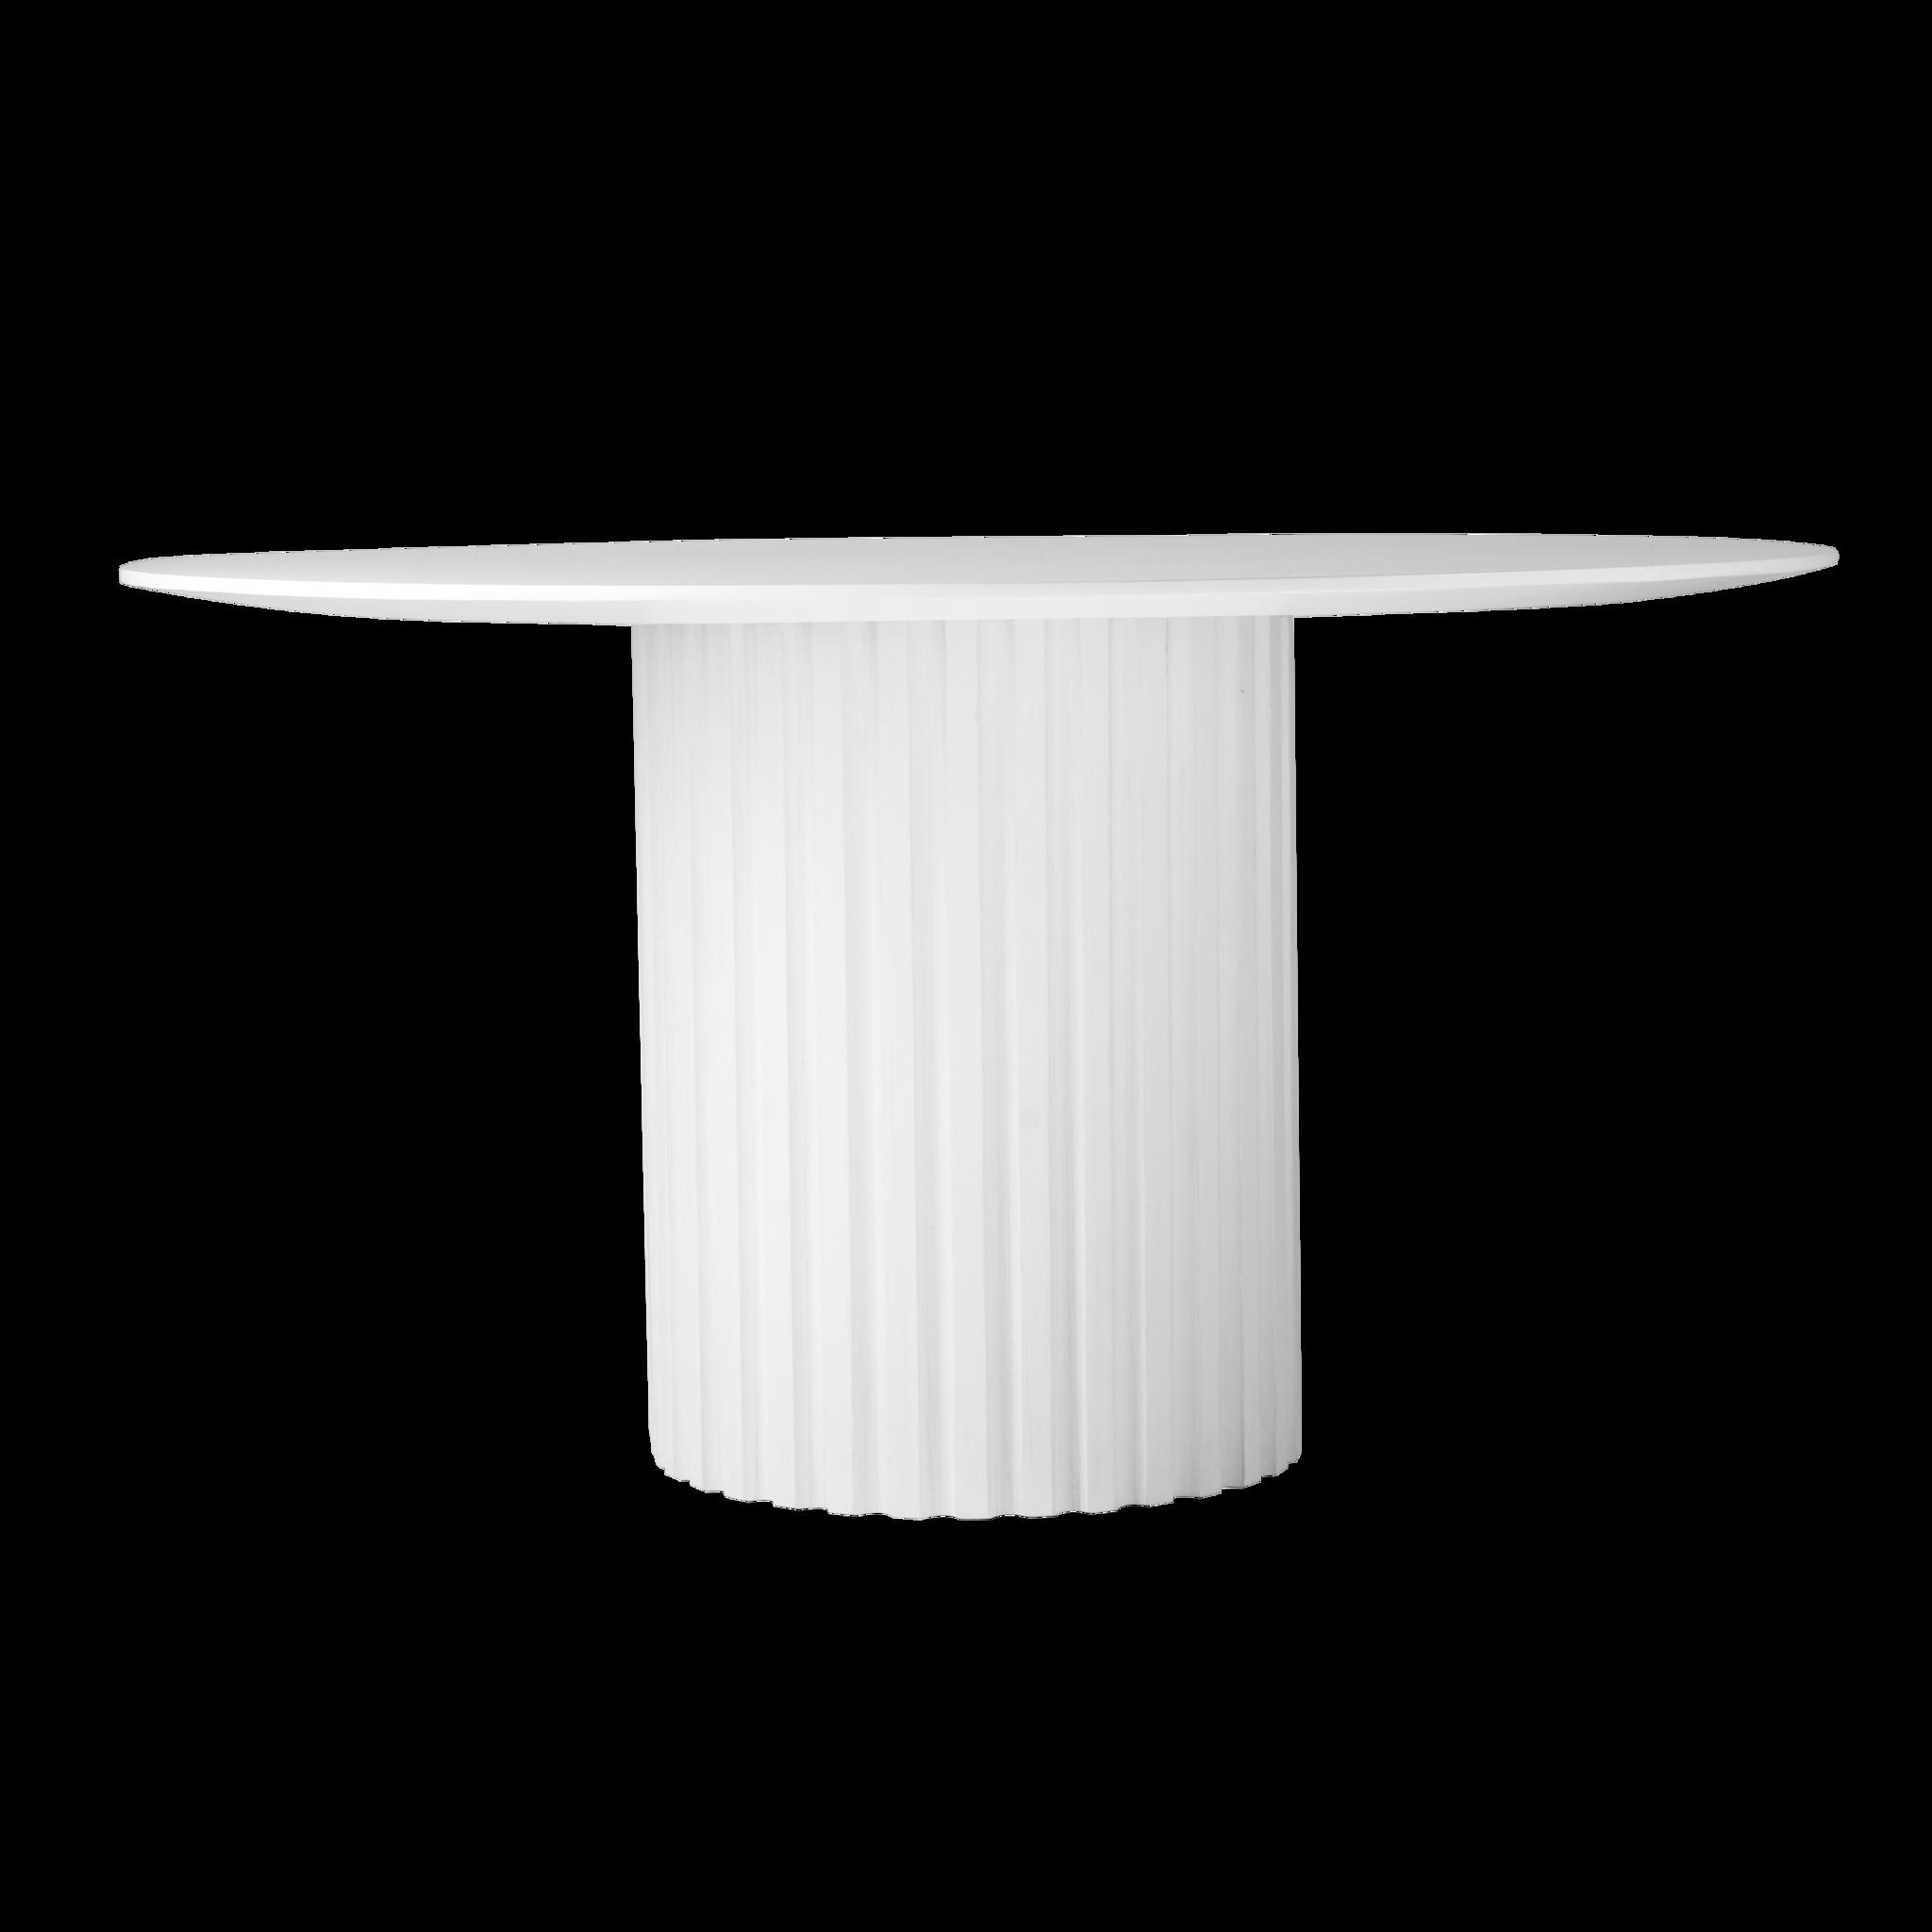 Esstisch Mit Weisser Saule Der Tisch Hat Eine Runde Form Hergestellt Aus Sungkai Holz Und Mdf Sie Kommen Runder Esstisch Saulen Esstisch Esstisch Rund Weiss